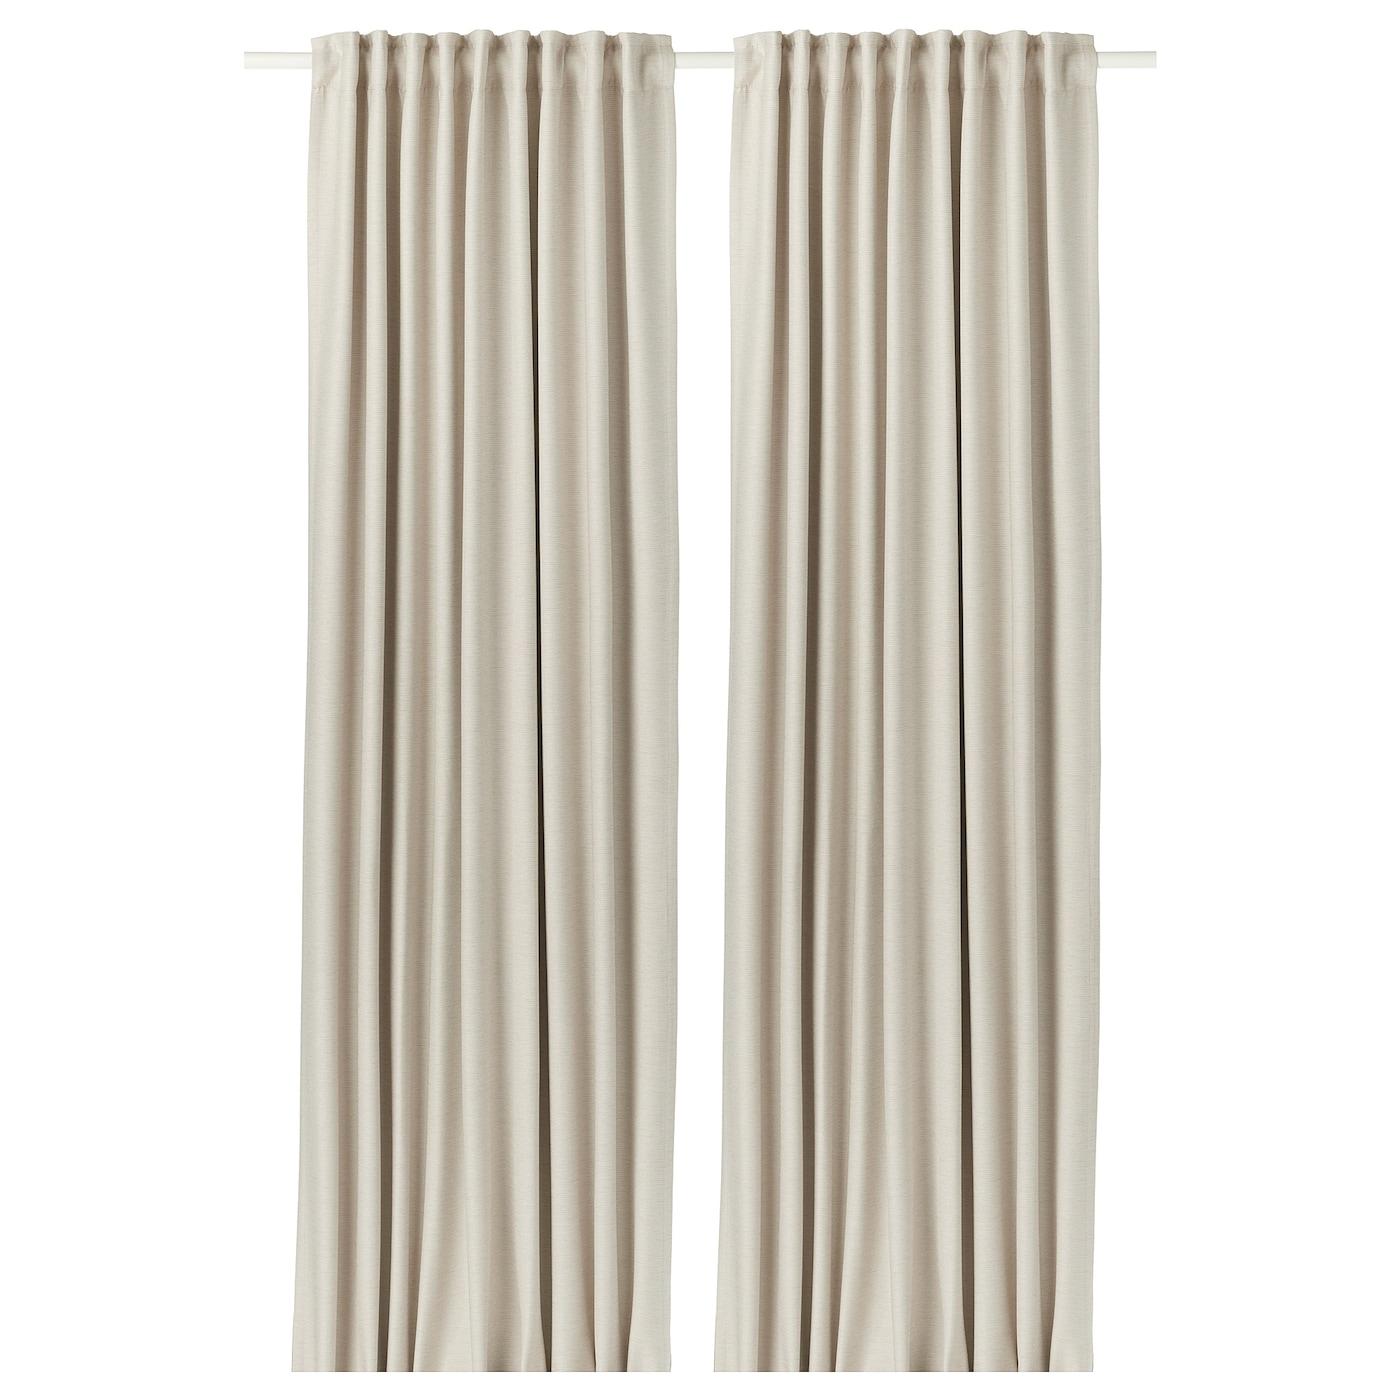 VILBORG Rideaux, 1 paire Beige 145 x 300 cm - IKEA